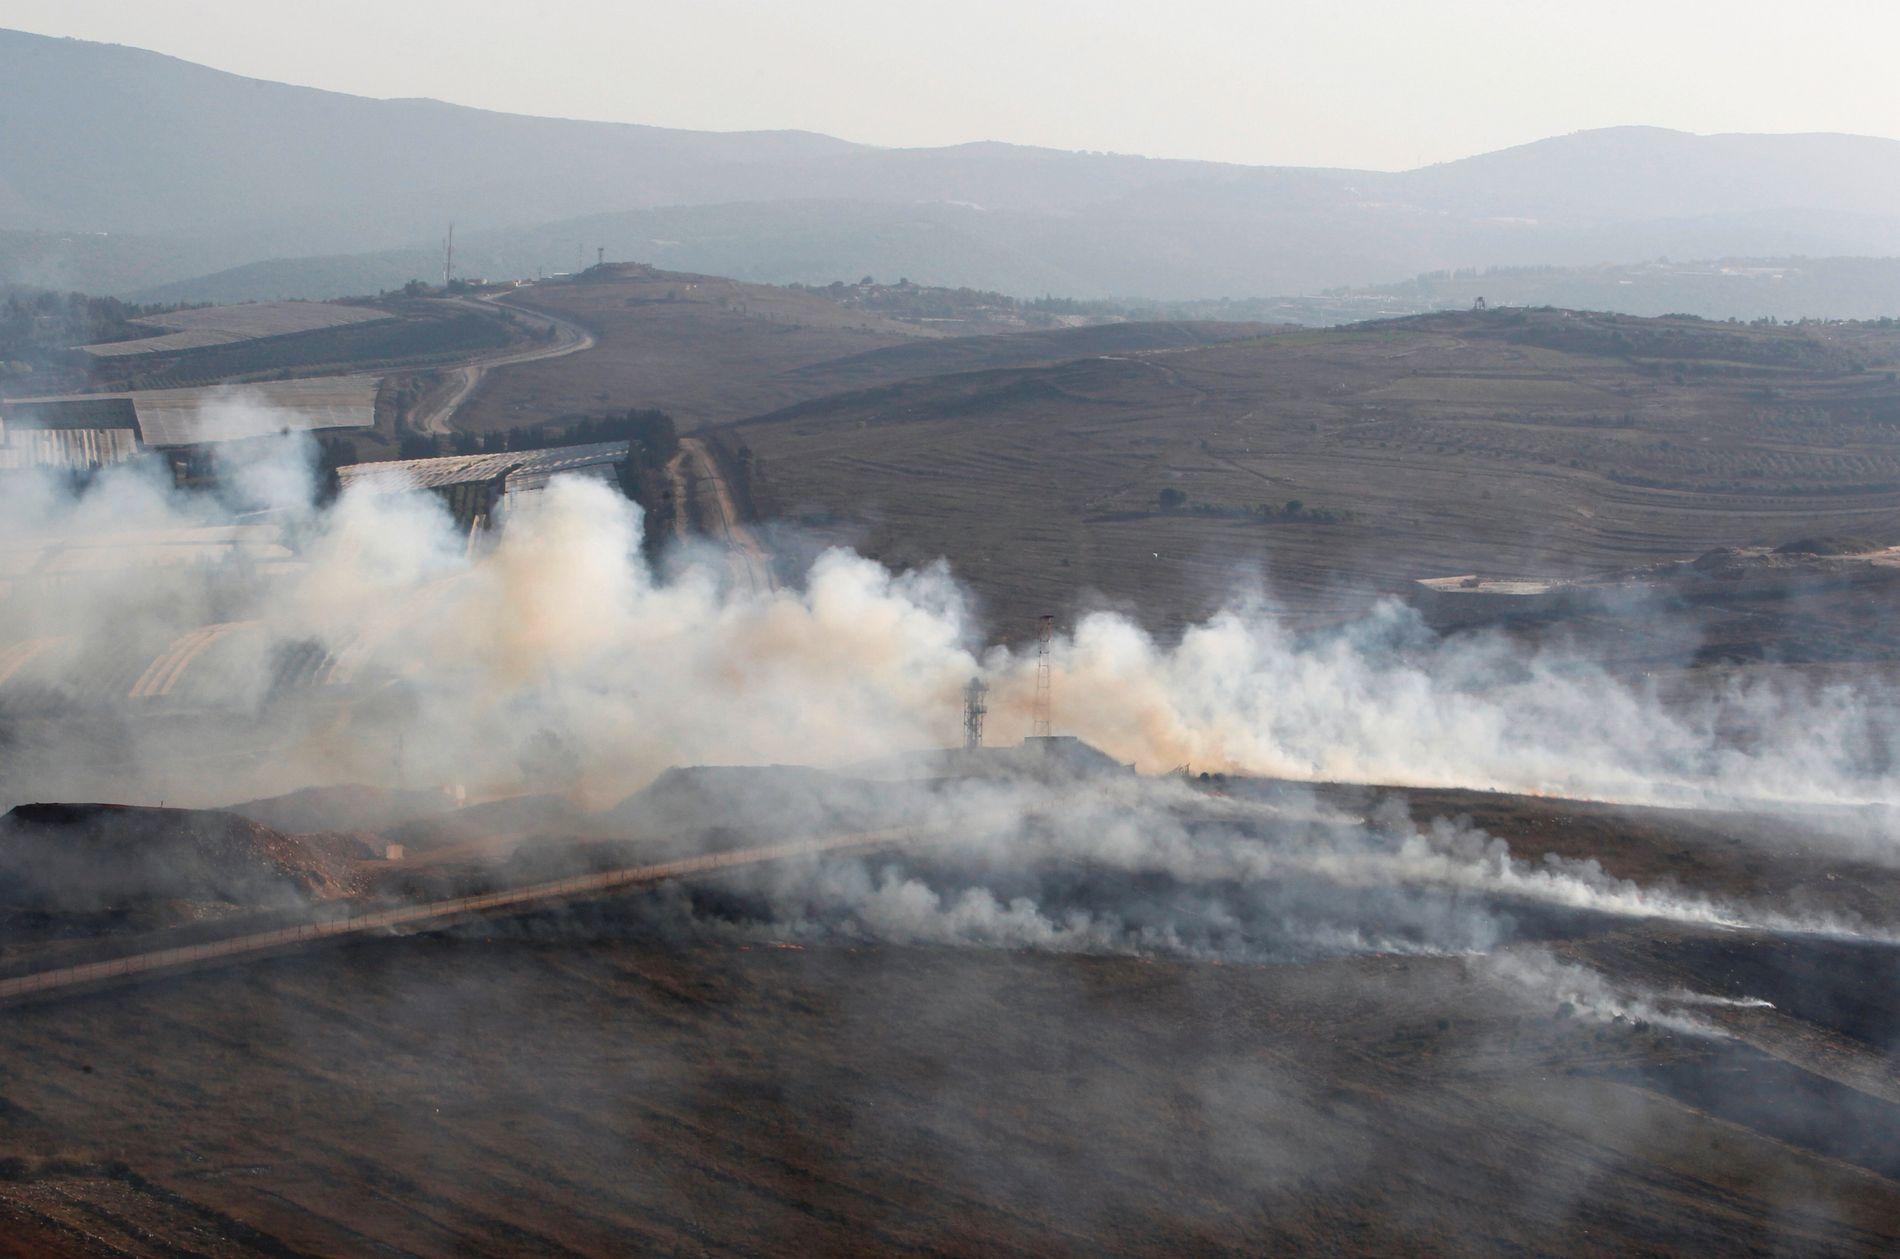 ISRAEL SVARER: Bildet viser røyk som stiger fra granater som er avfyrt fra Israel i Maroun Al-ras i Libanon, på den israelsk-libanesiske grensen.